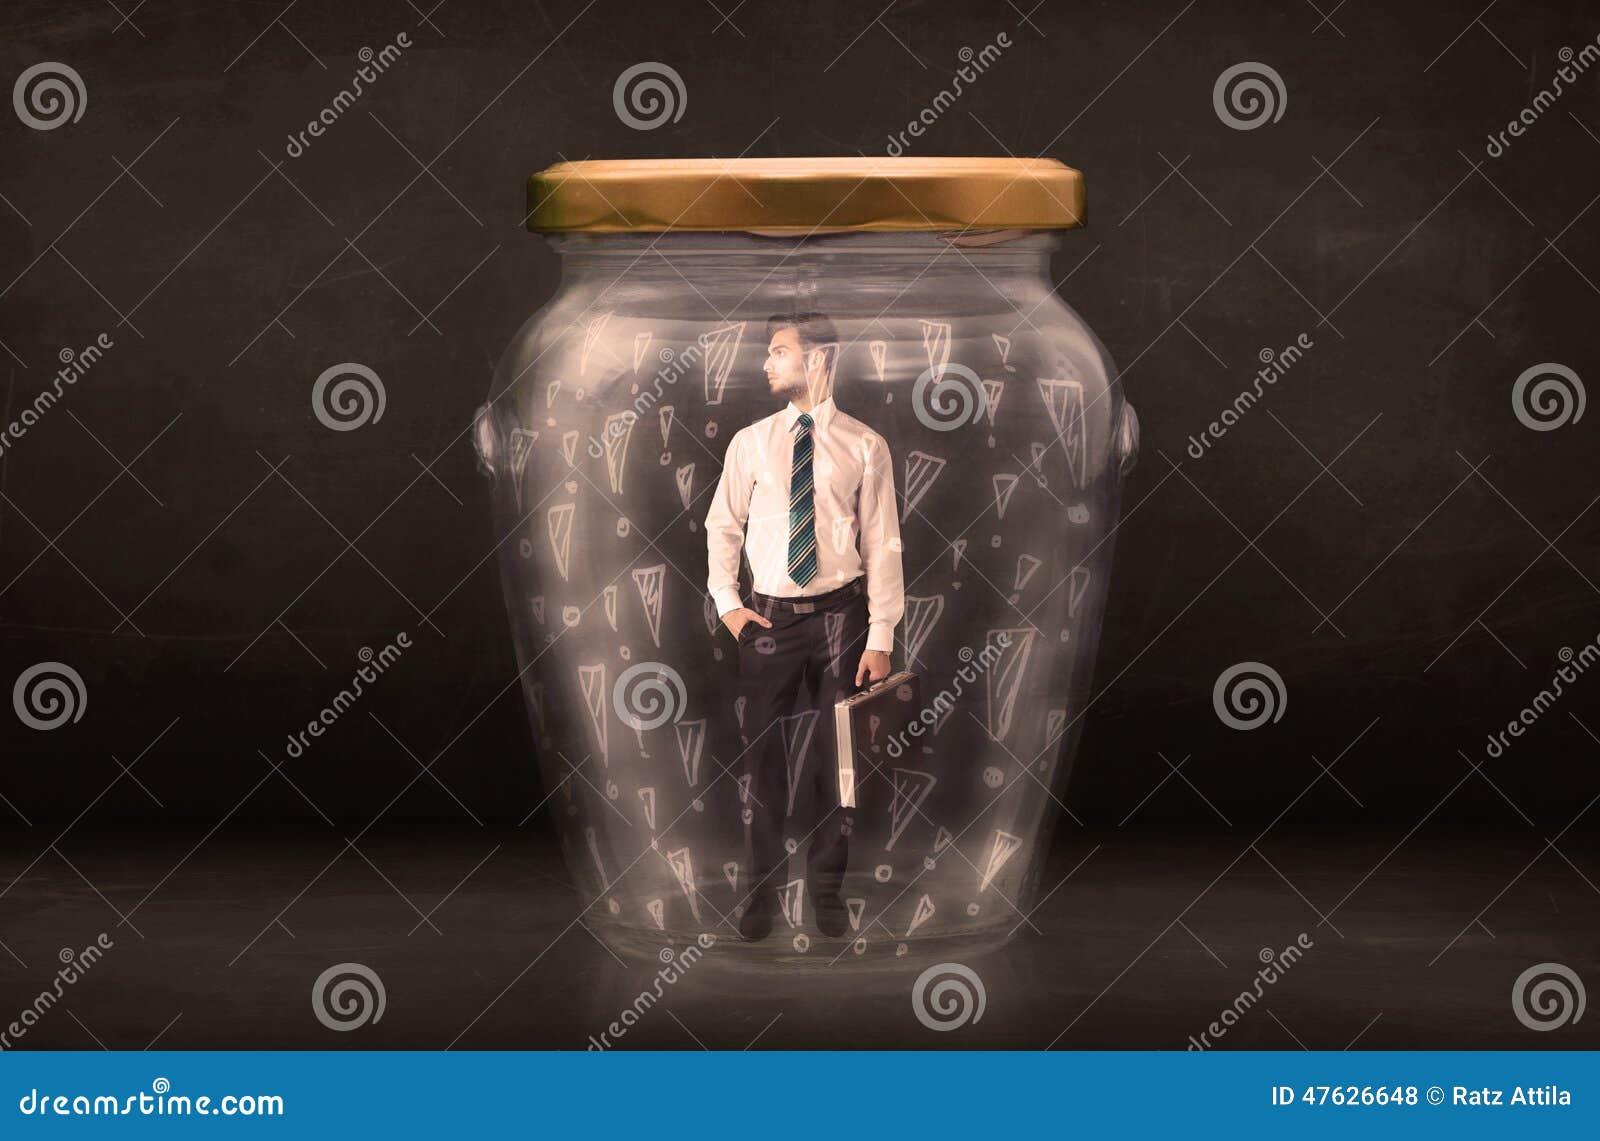 Biznesowy mężczyzna łapać w pułapkę w słoju z okrzyk ocen pojęciem